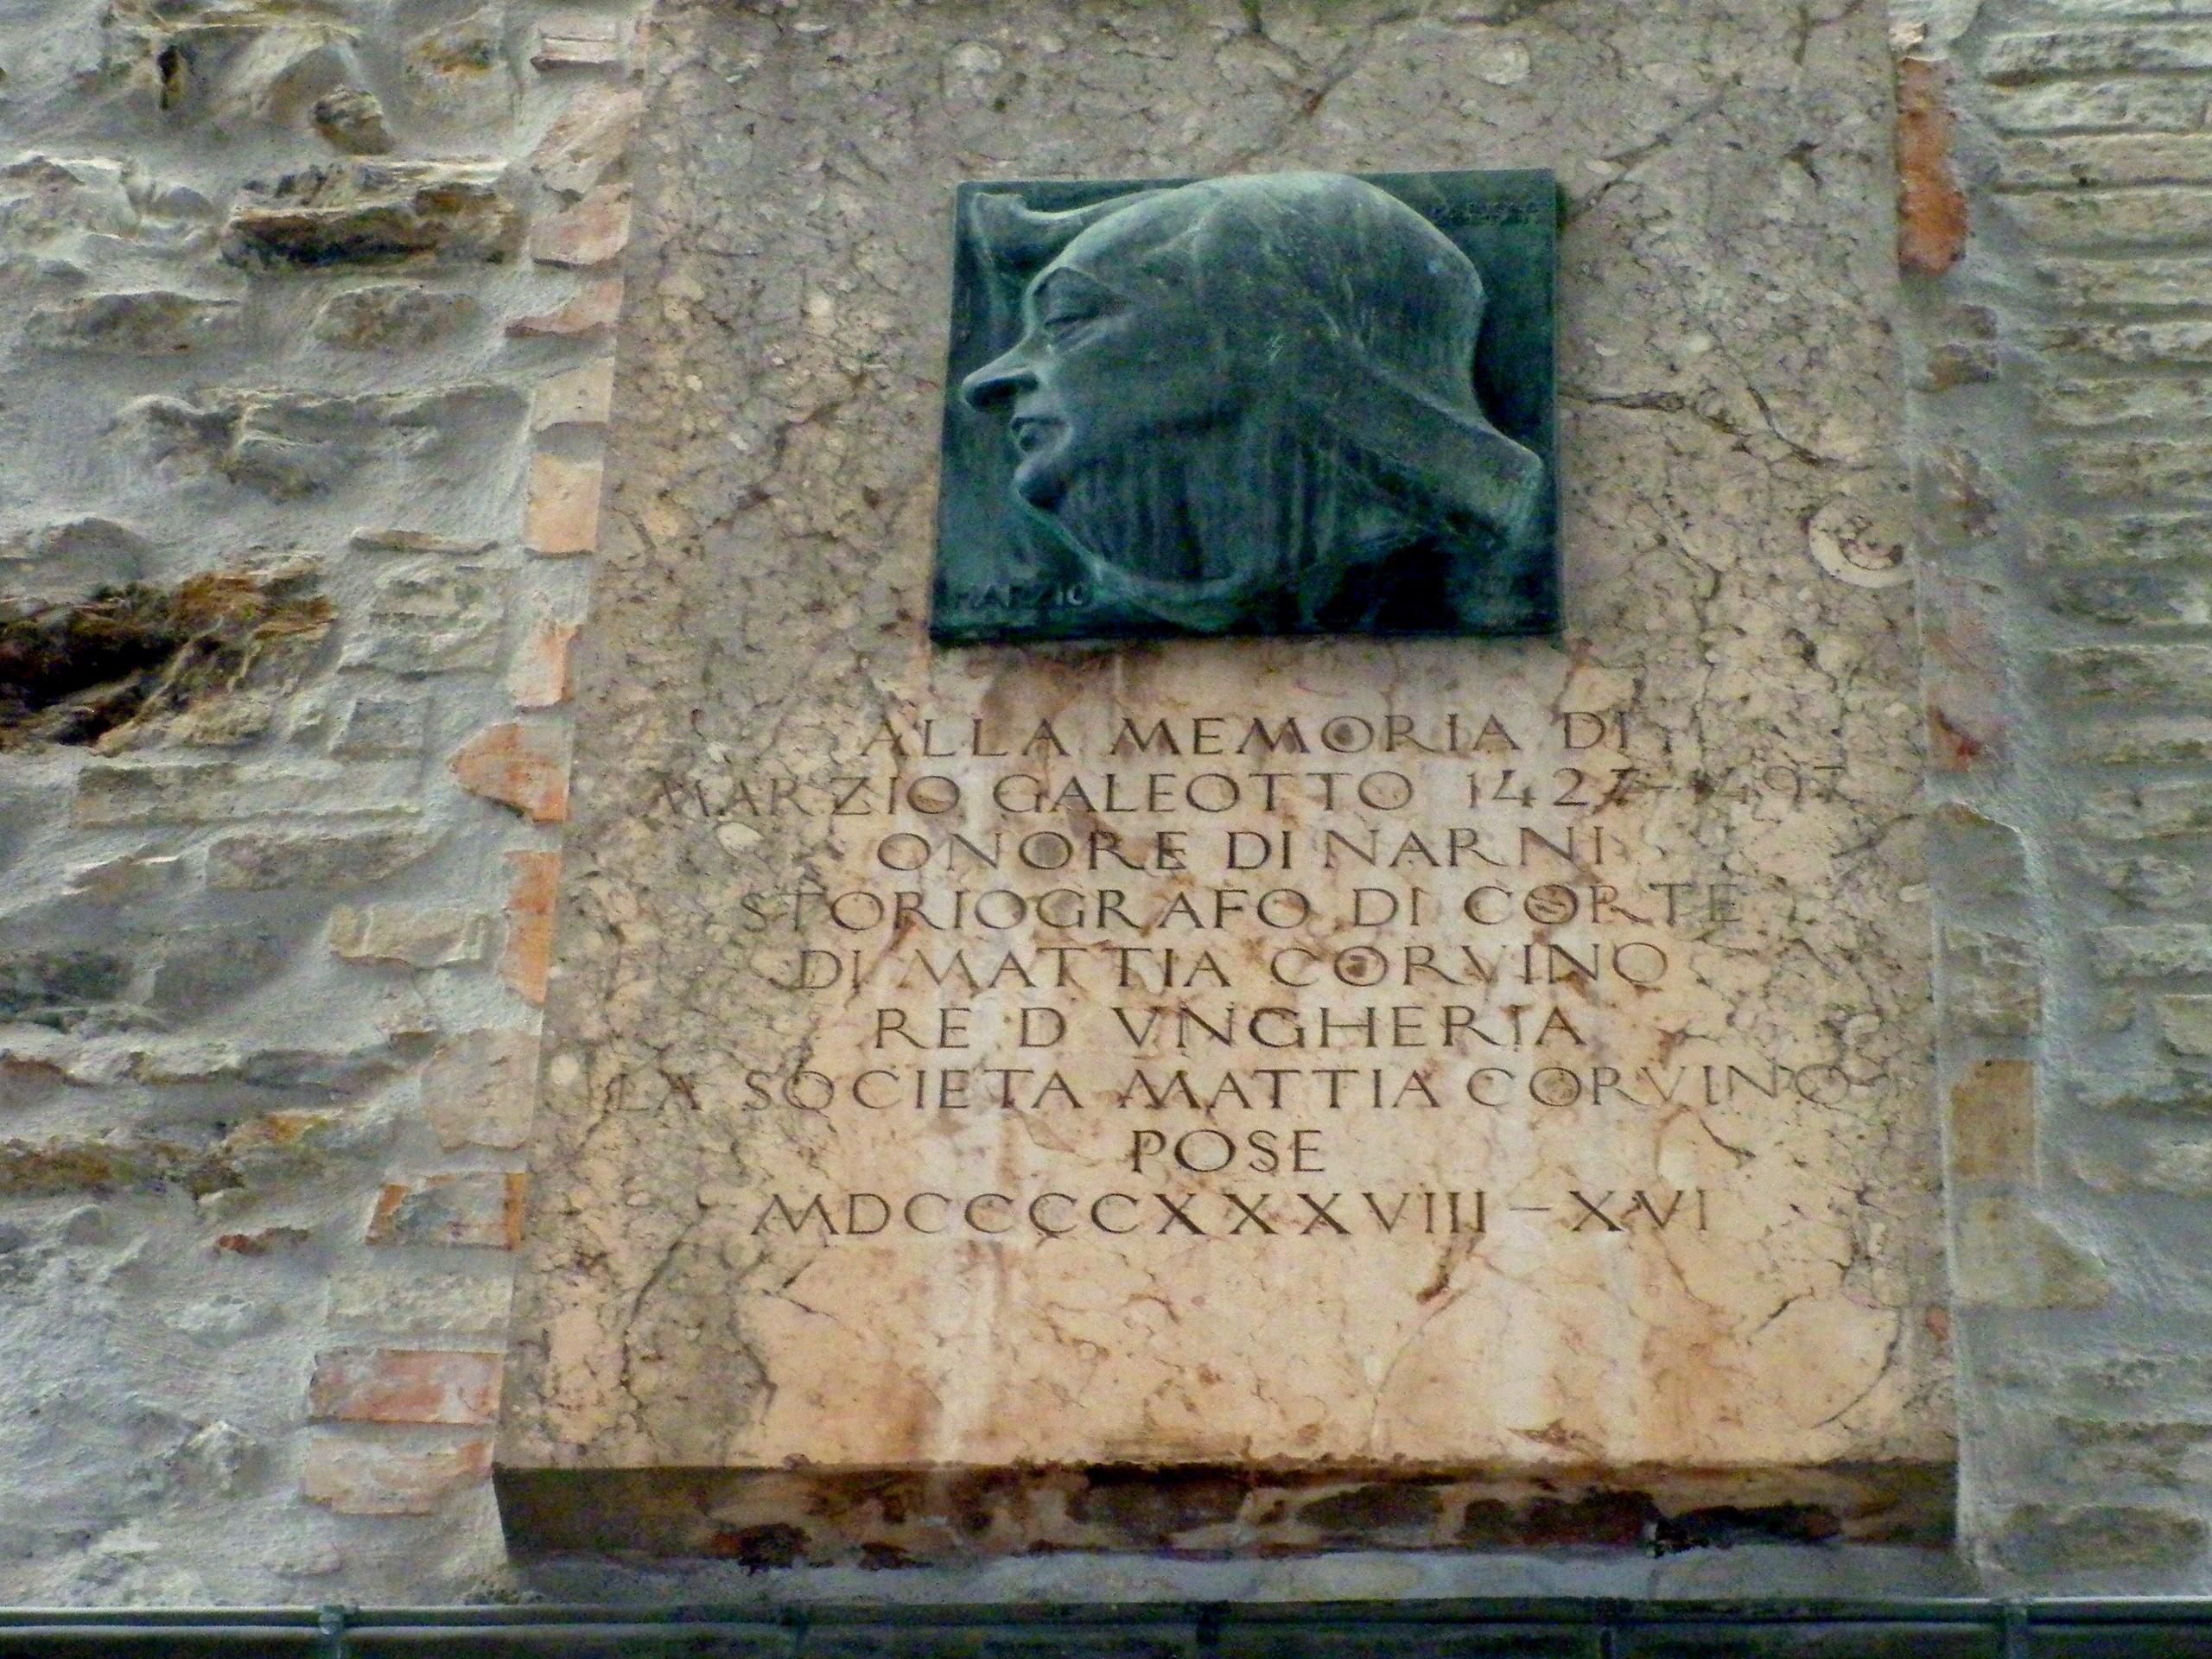 Sardegna2011 049.JPG